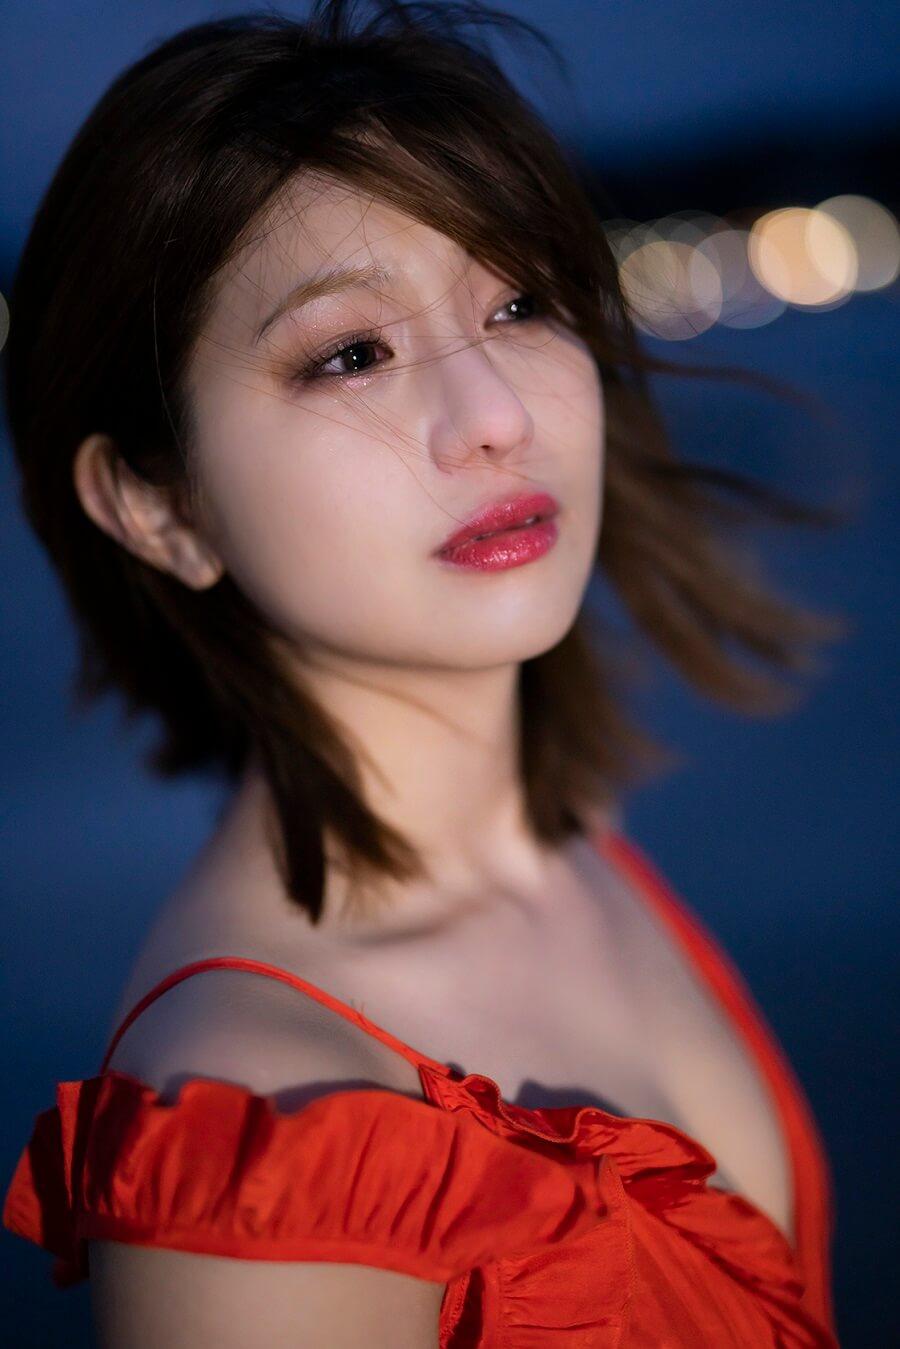 写真は夜風を浴びる谷川さん (C)KADOKAWA  (C)Showtitle  PHOTO/TANAKA TOMOHISA